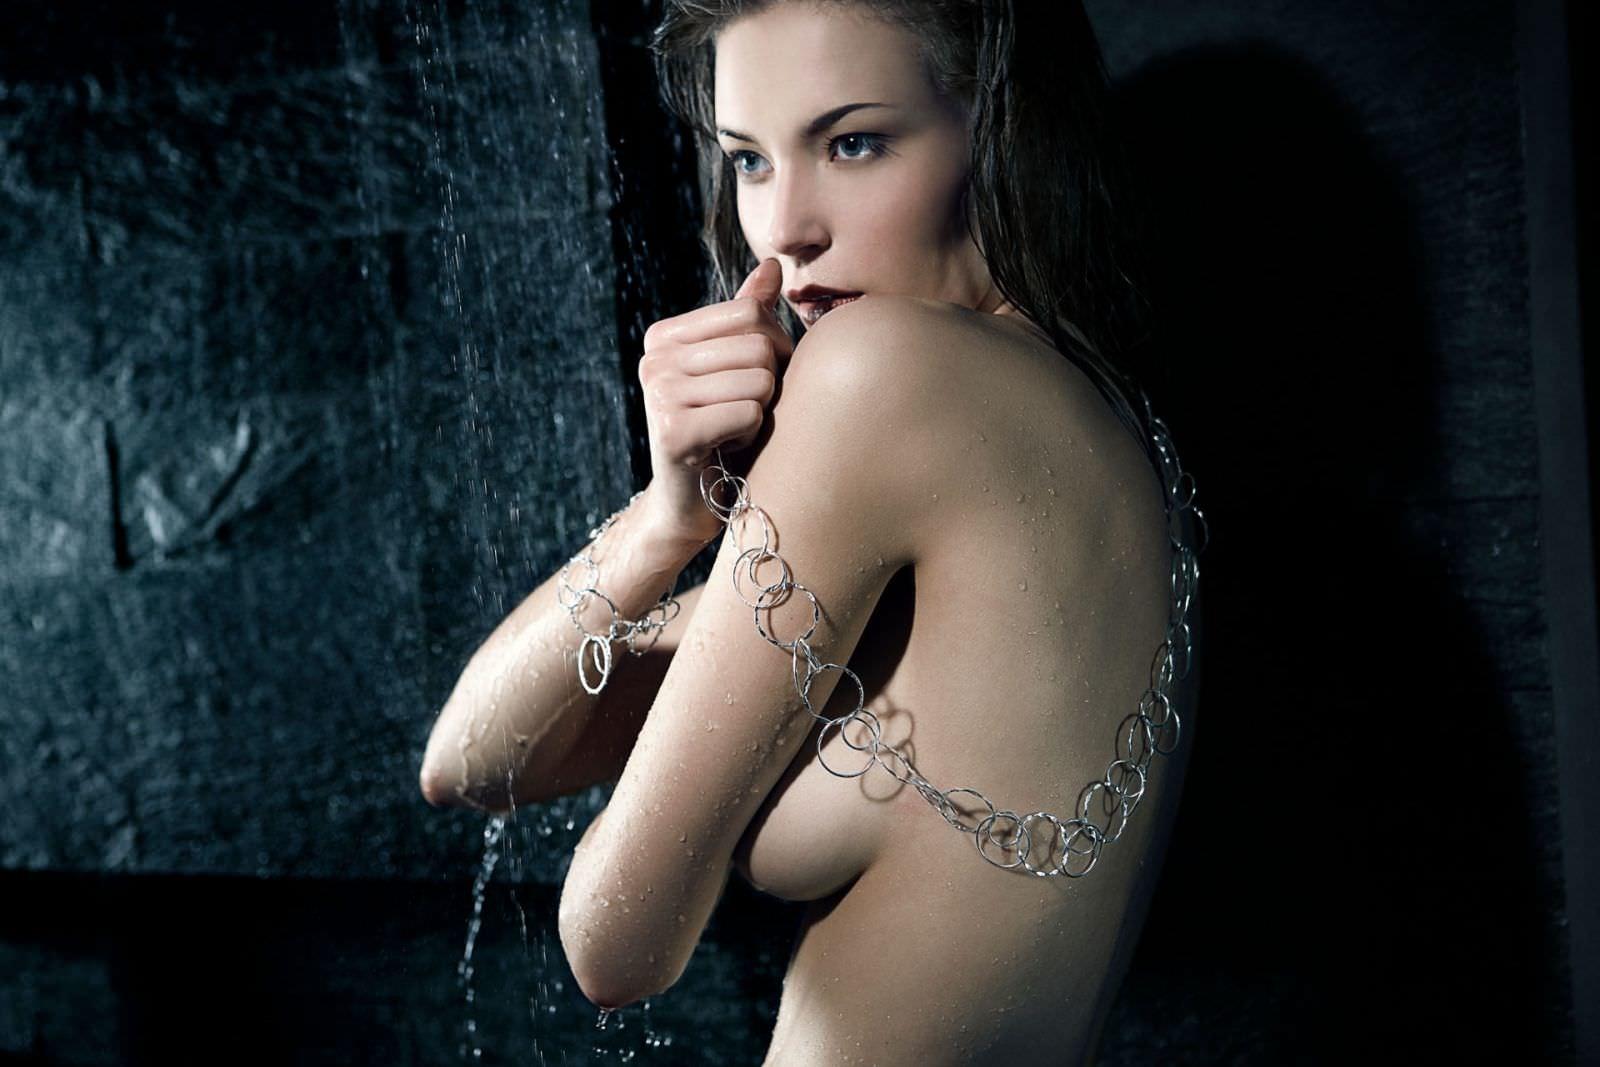 fotografo milano gioielli antonio schiavano